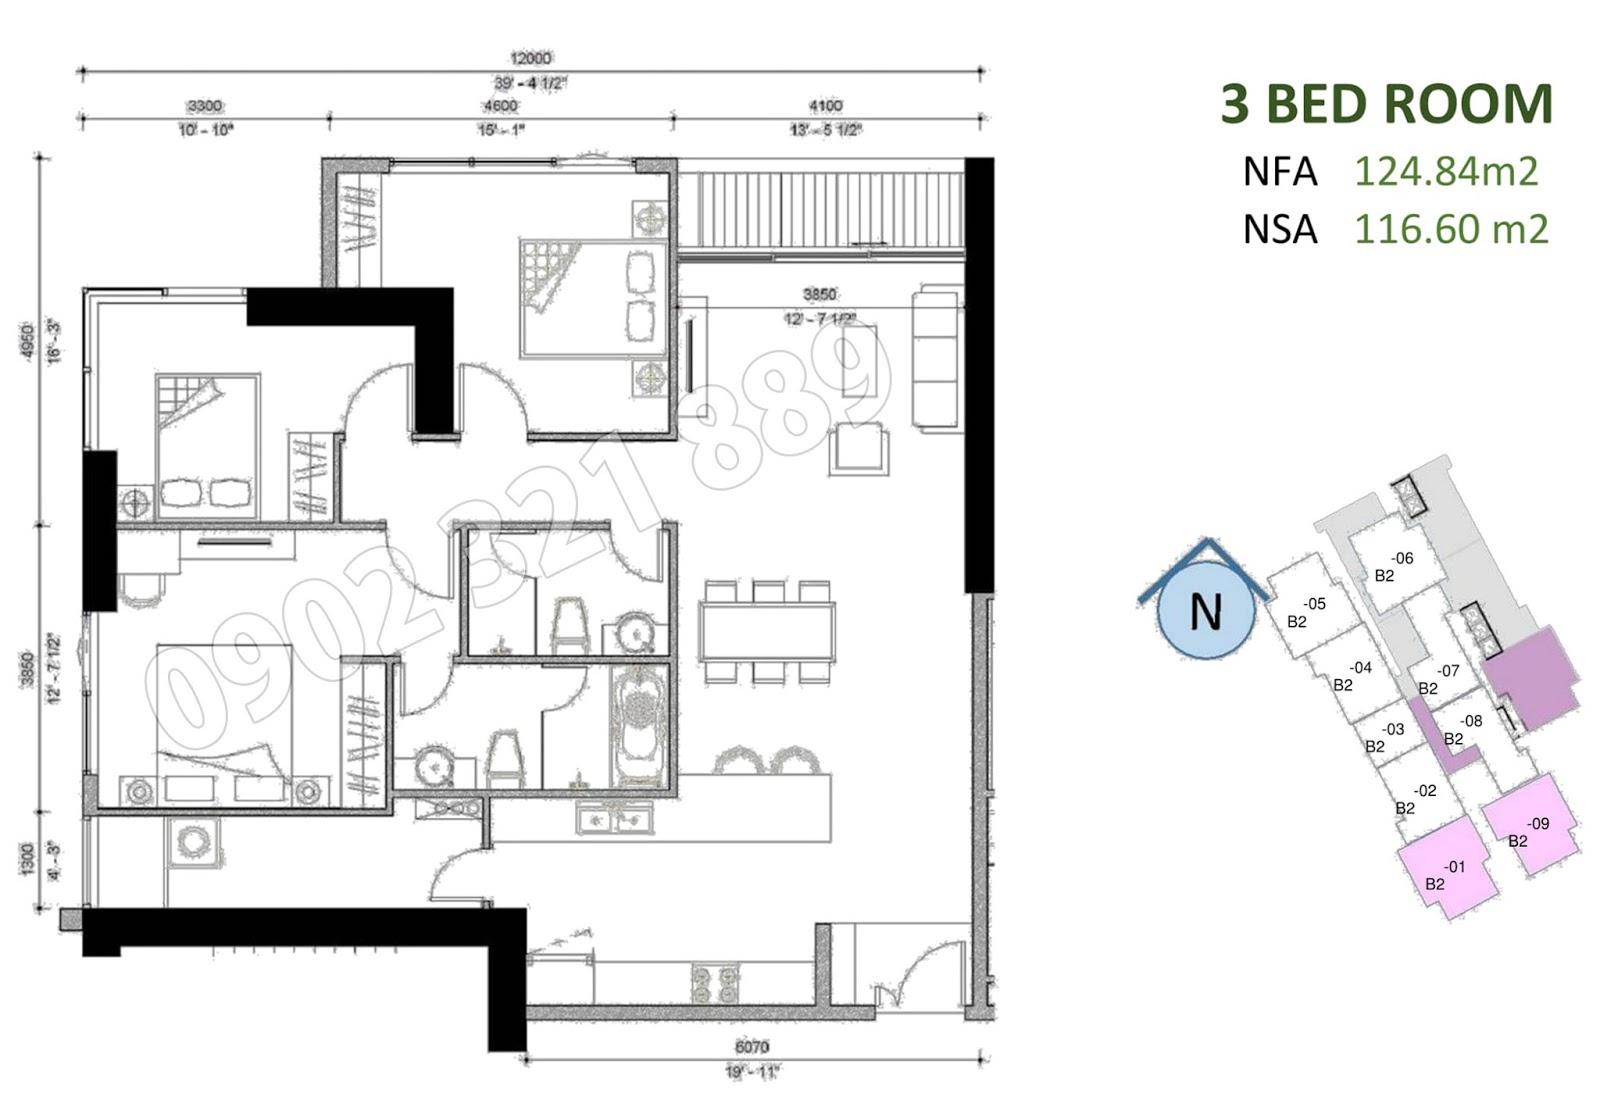 mặt bằng căn hộ sunwah pearl 3 phòng ngủ B2-01 và B2-09